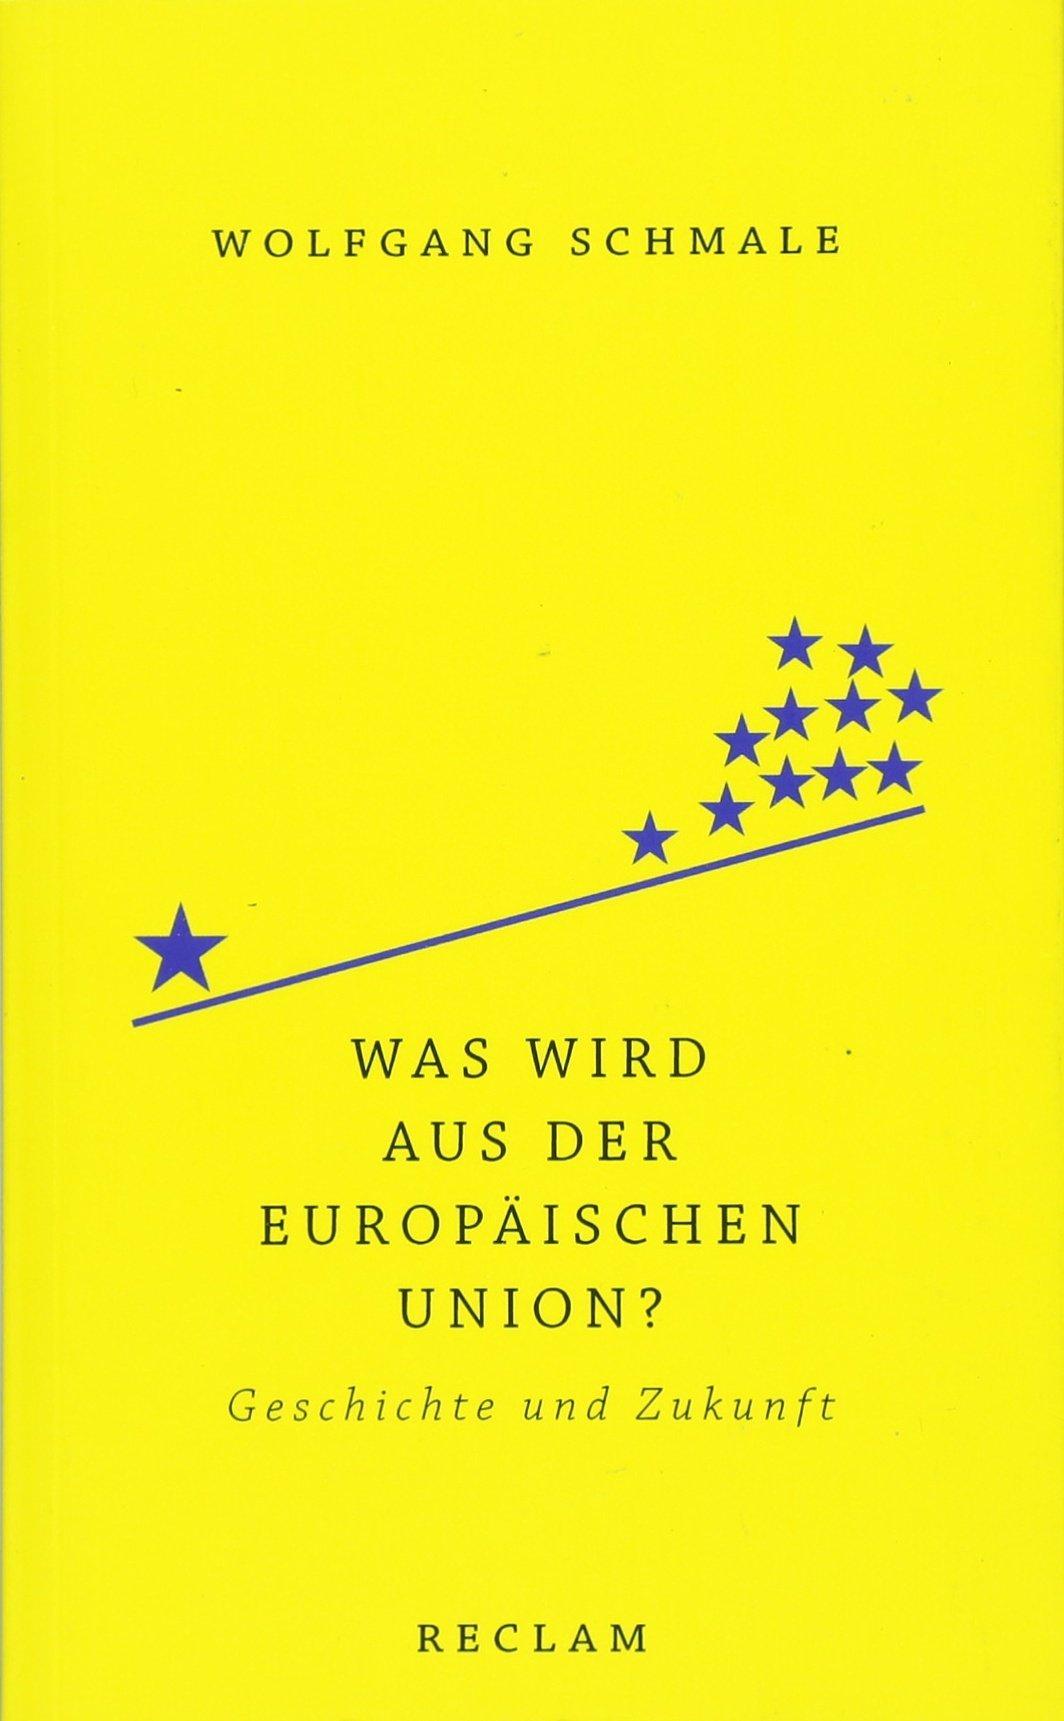 Was wird aus der Europäischen Union?: Geschichte und Zukunft Taschenbuch – 16. März 2018 Wolfgang Schmale Reclam Philipp jun. GmbH